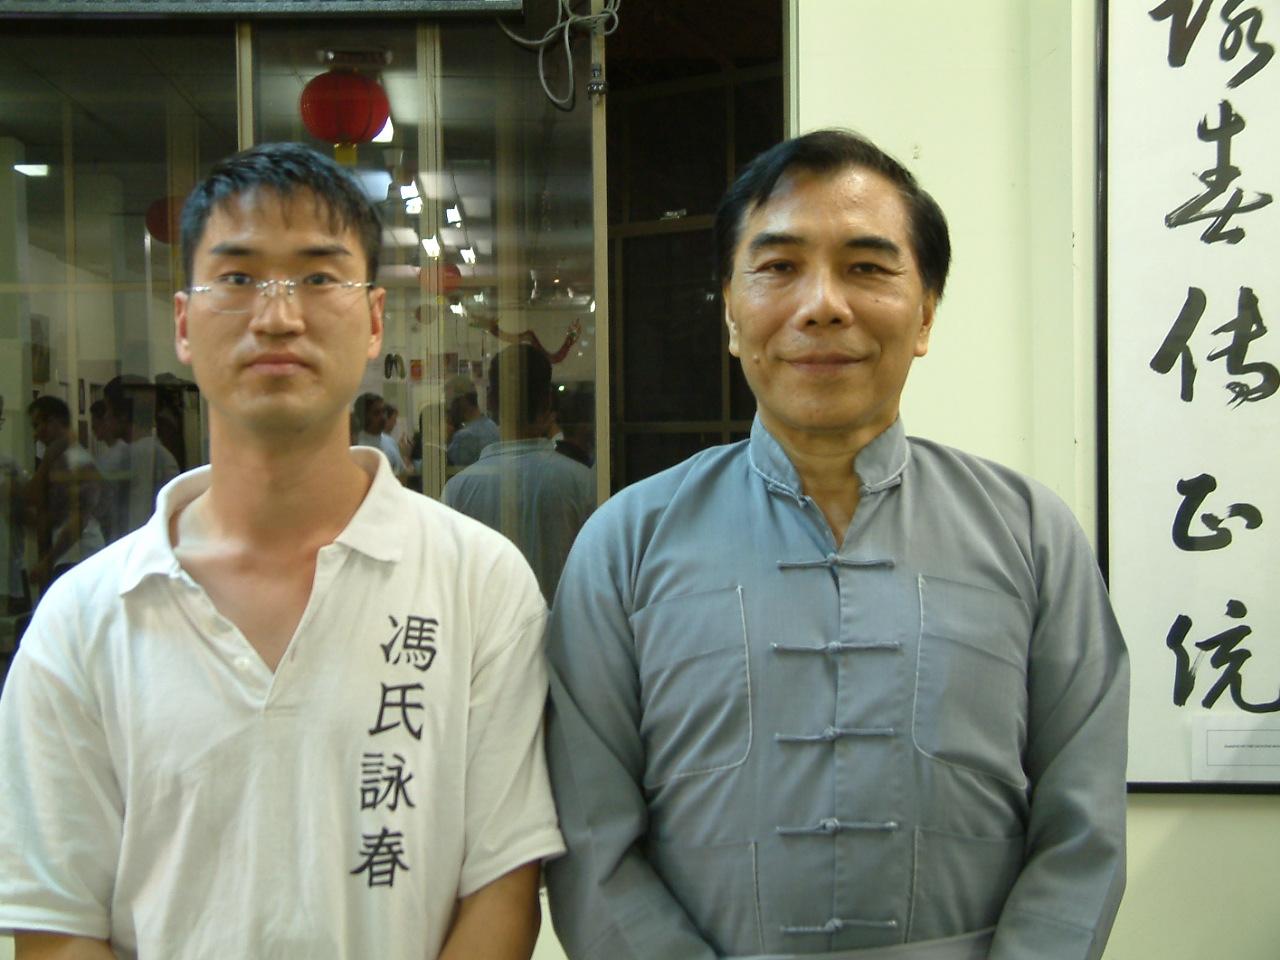 Jim Fung